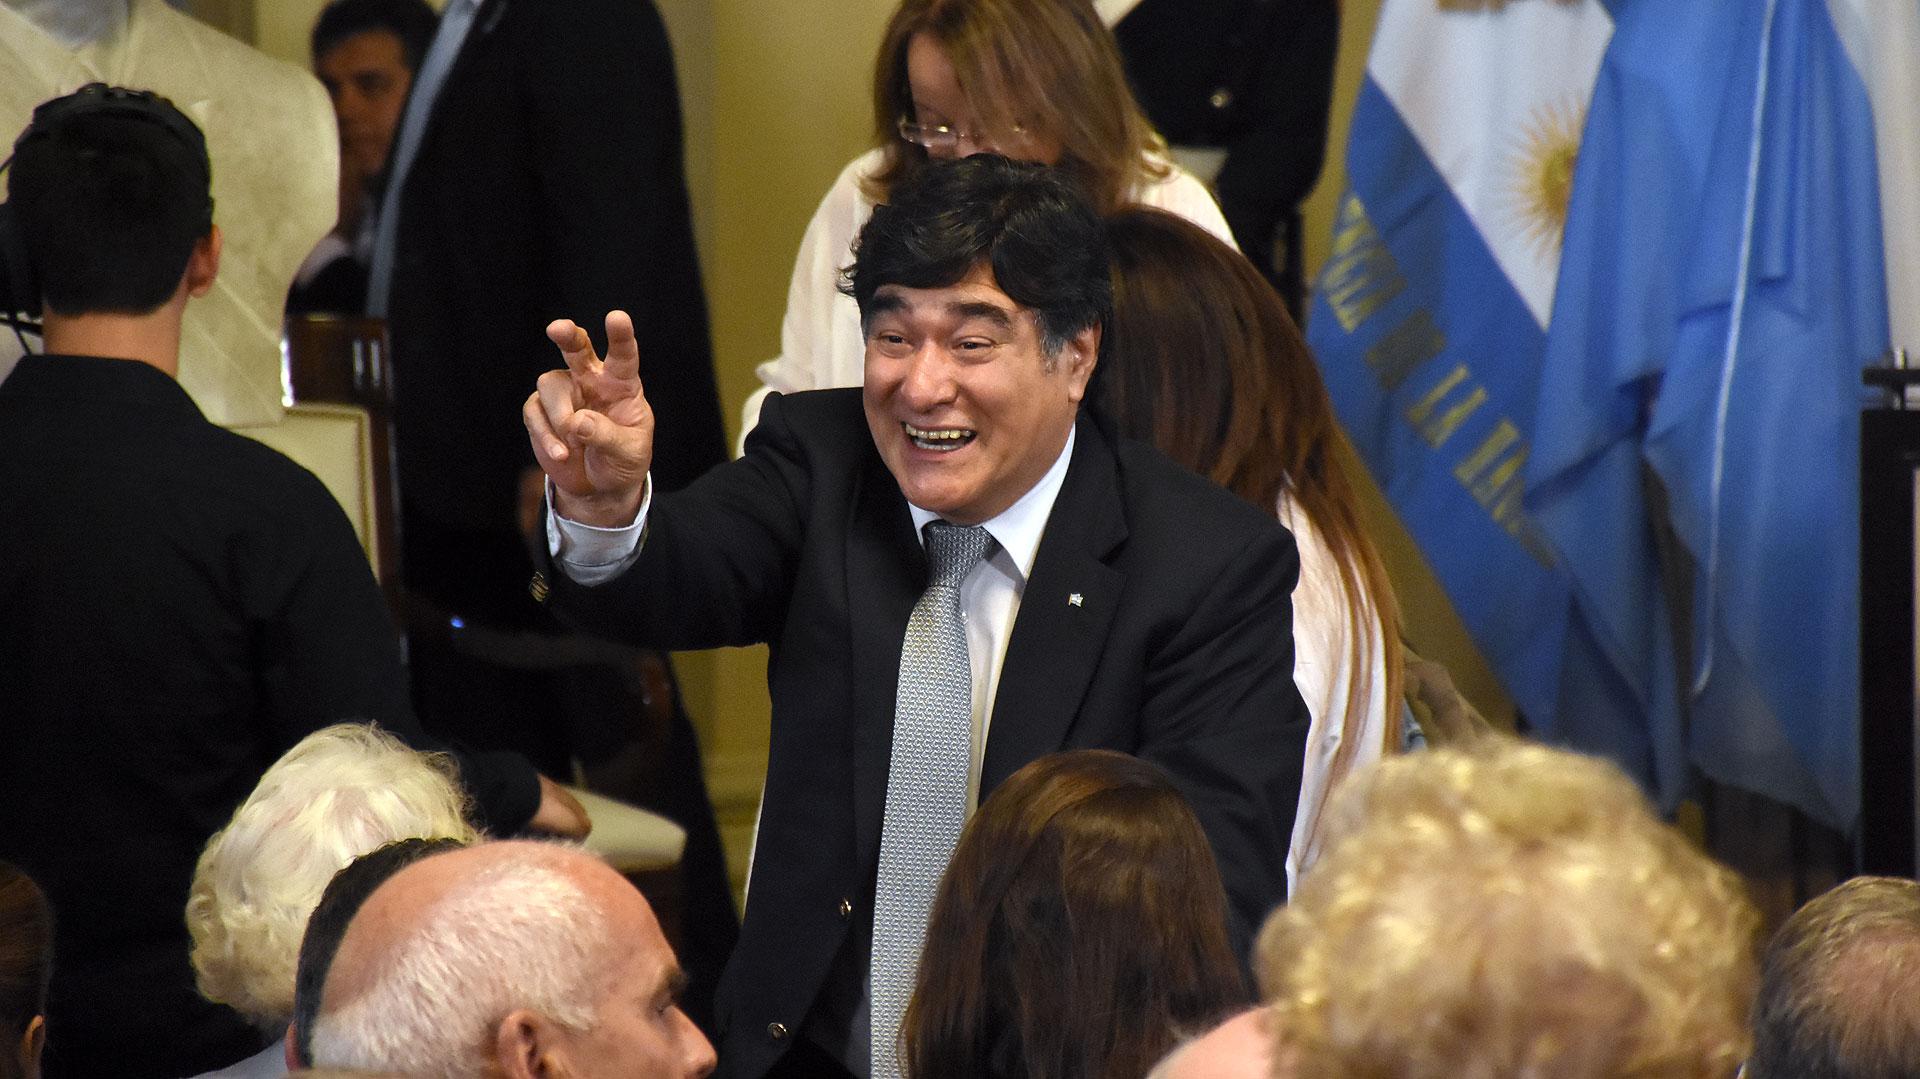 Carlos Zannini adelantó que pedirá la extensión de la quiebra a Socma, empresa emblema de la familia Macri